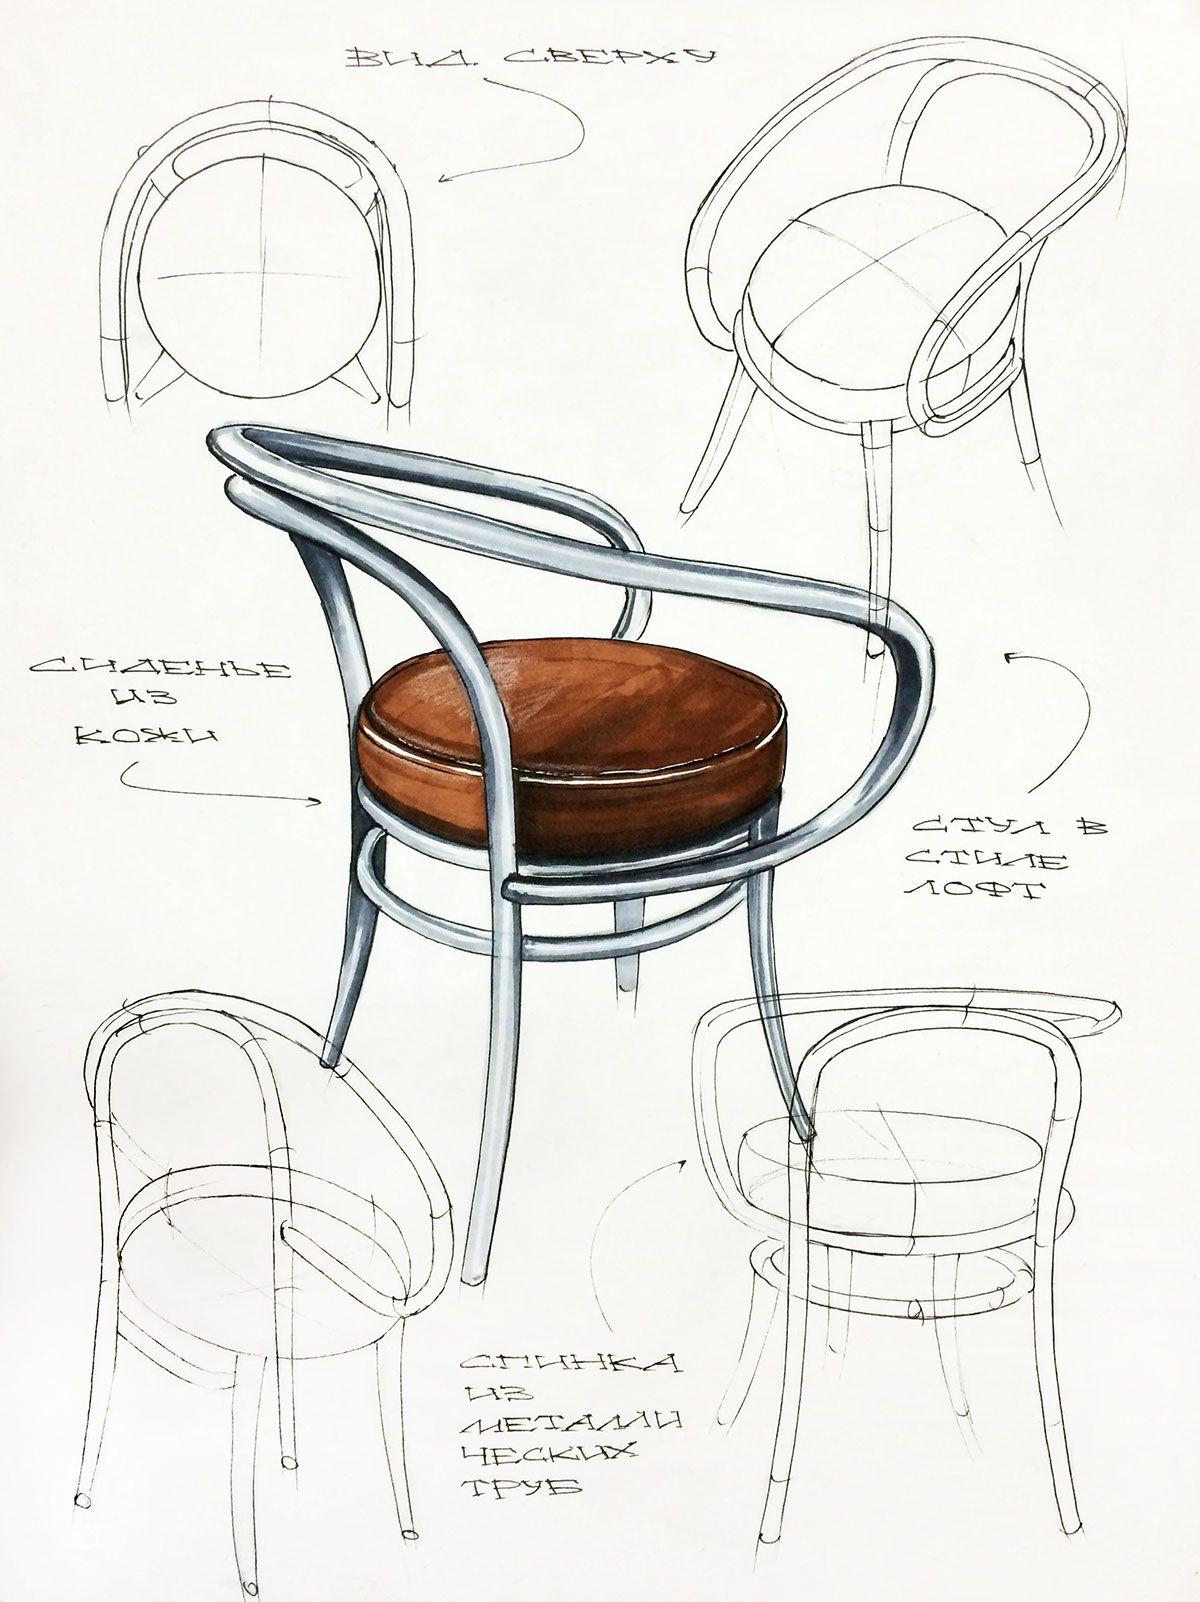 sasha balyabina on behance | industrial design | pinterest ... - Ausgefallene Mobel Wie Skizziert Design Jinil Park